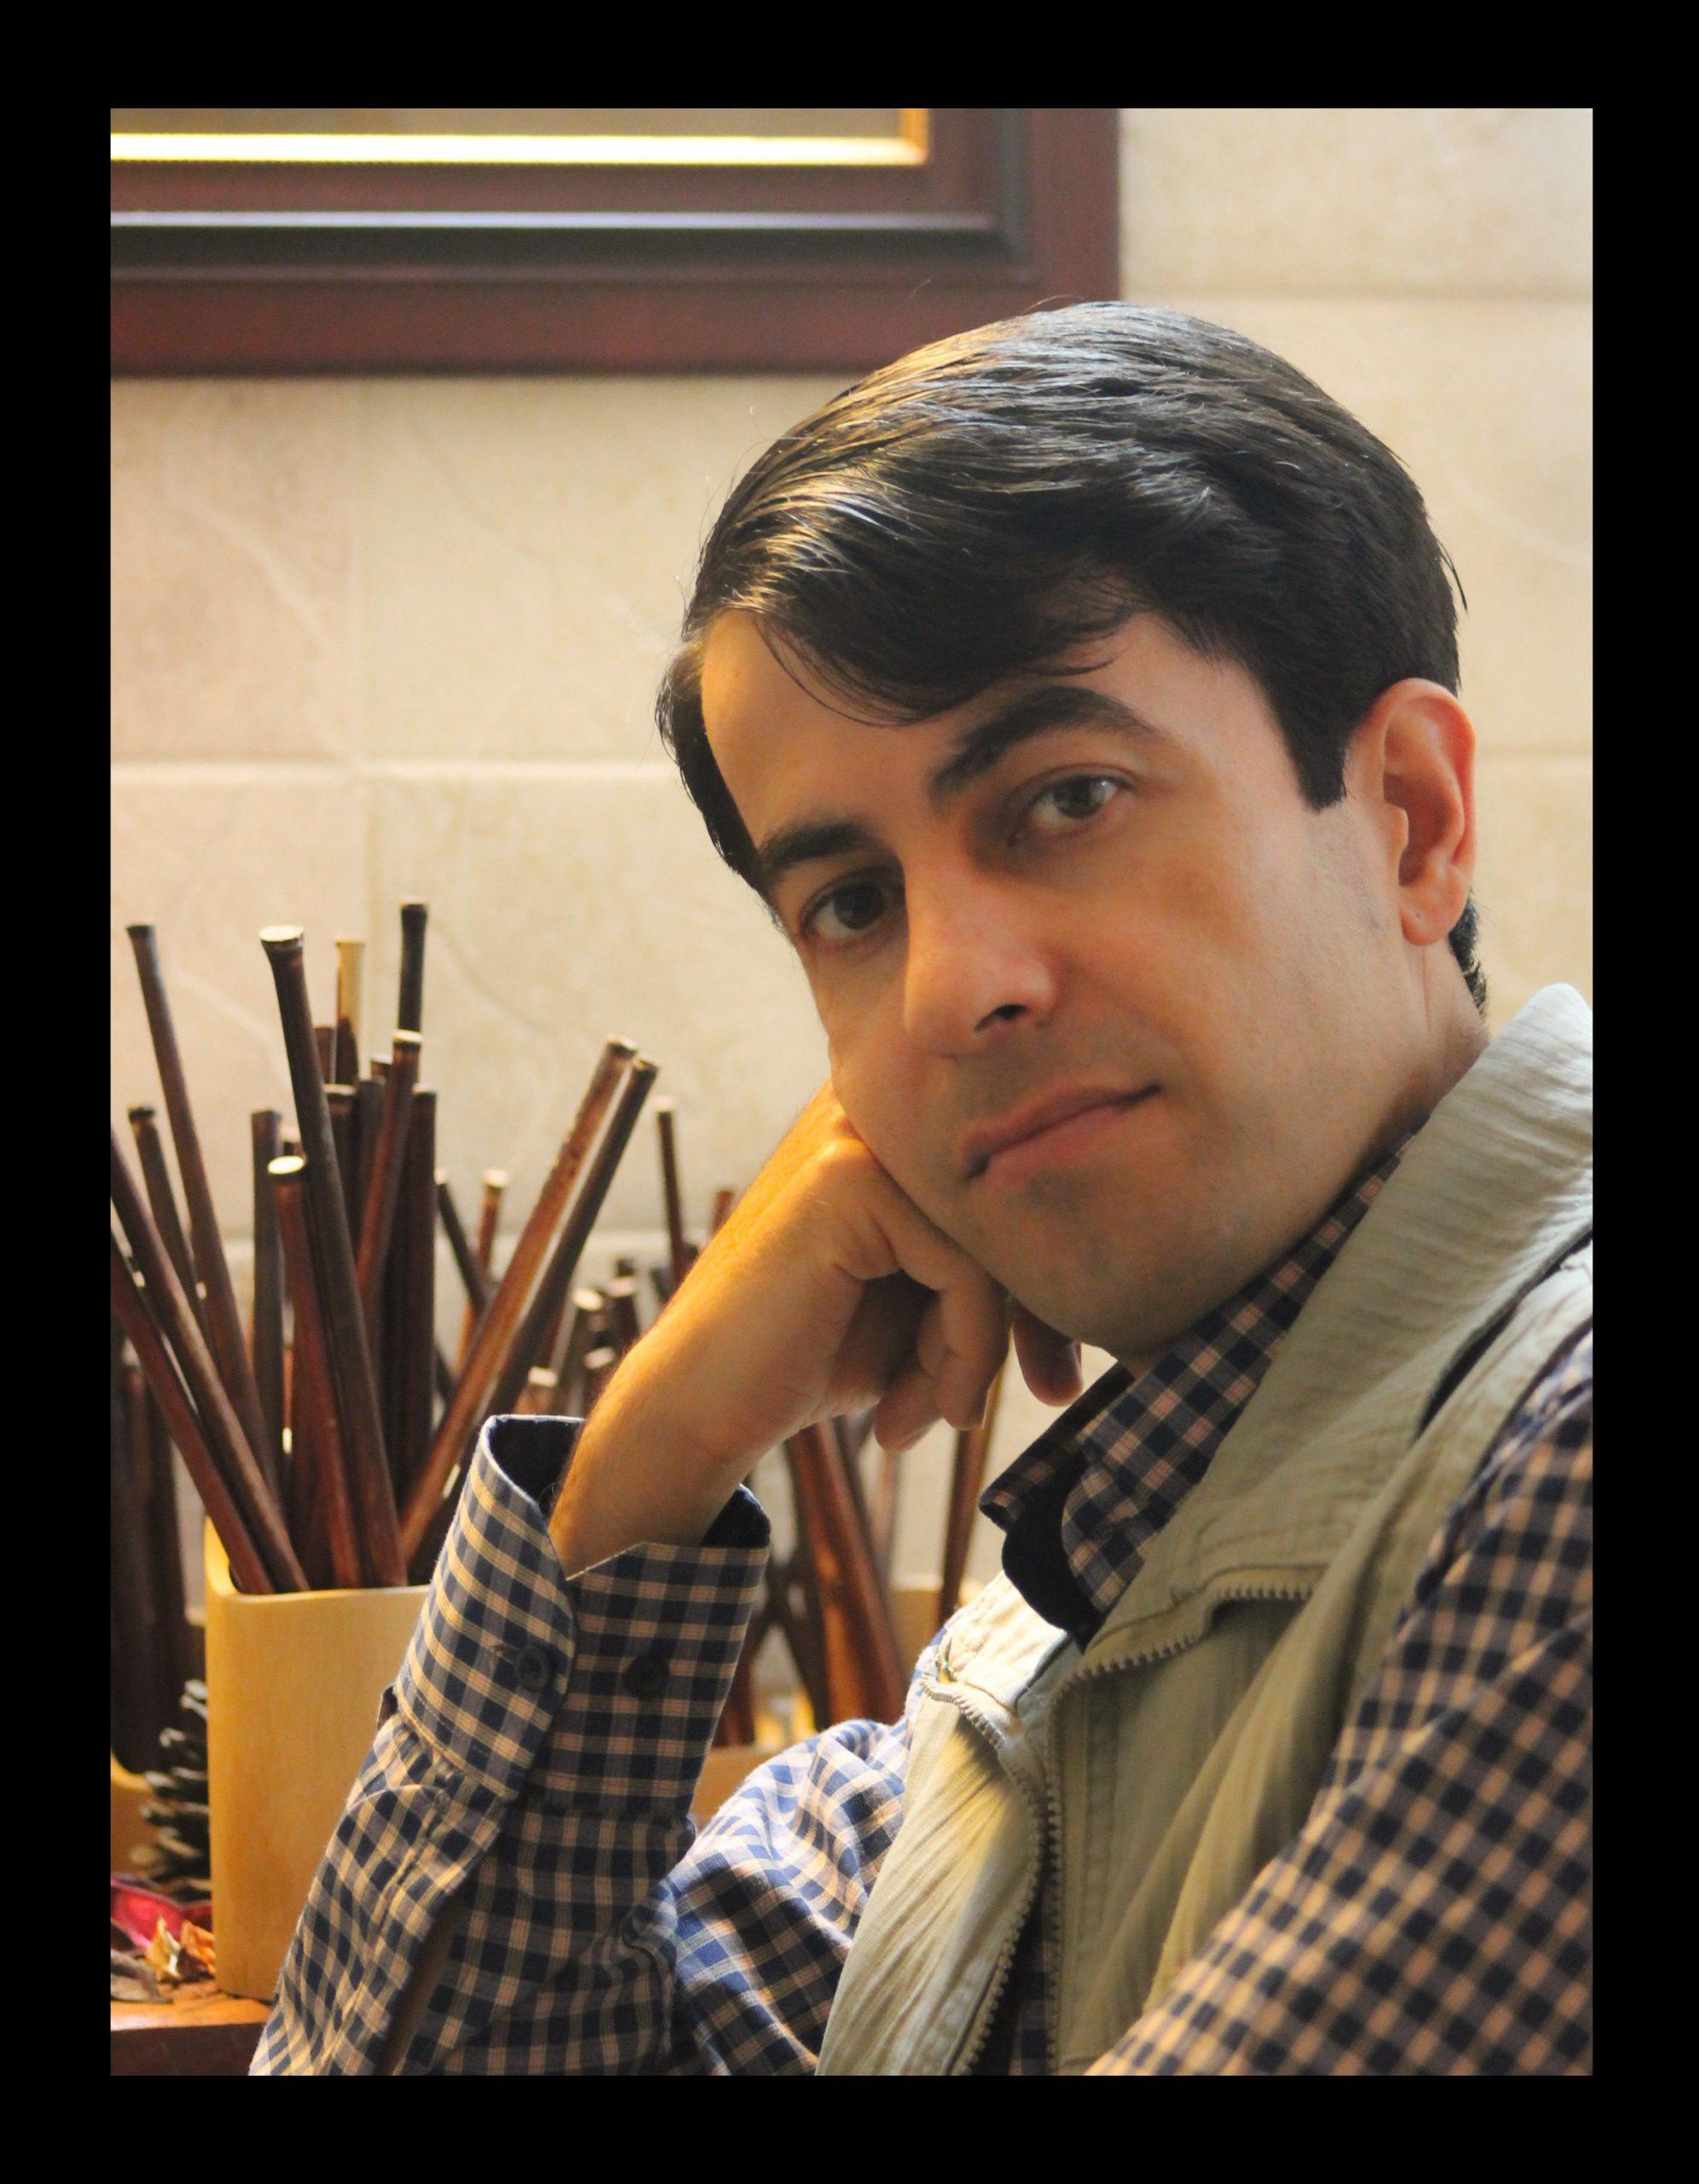 هر شب با یک هنرمند، معرفی و آثار ناصر صادقی لینک : https://ardabilvas.ir/?p=3121 👇 سایت : ardabilvas.ir اینستاگرام : instagram.com/ArdabilVAS کانال : @ArdabilVAS 👆